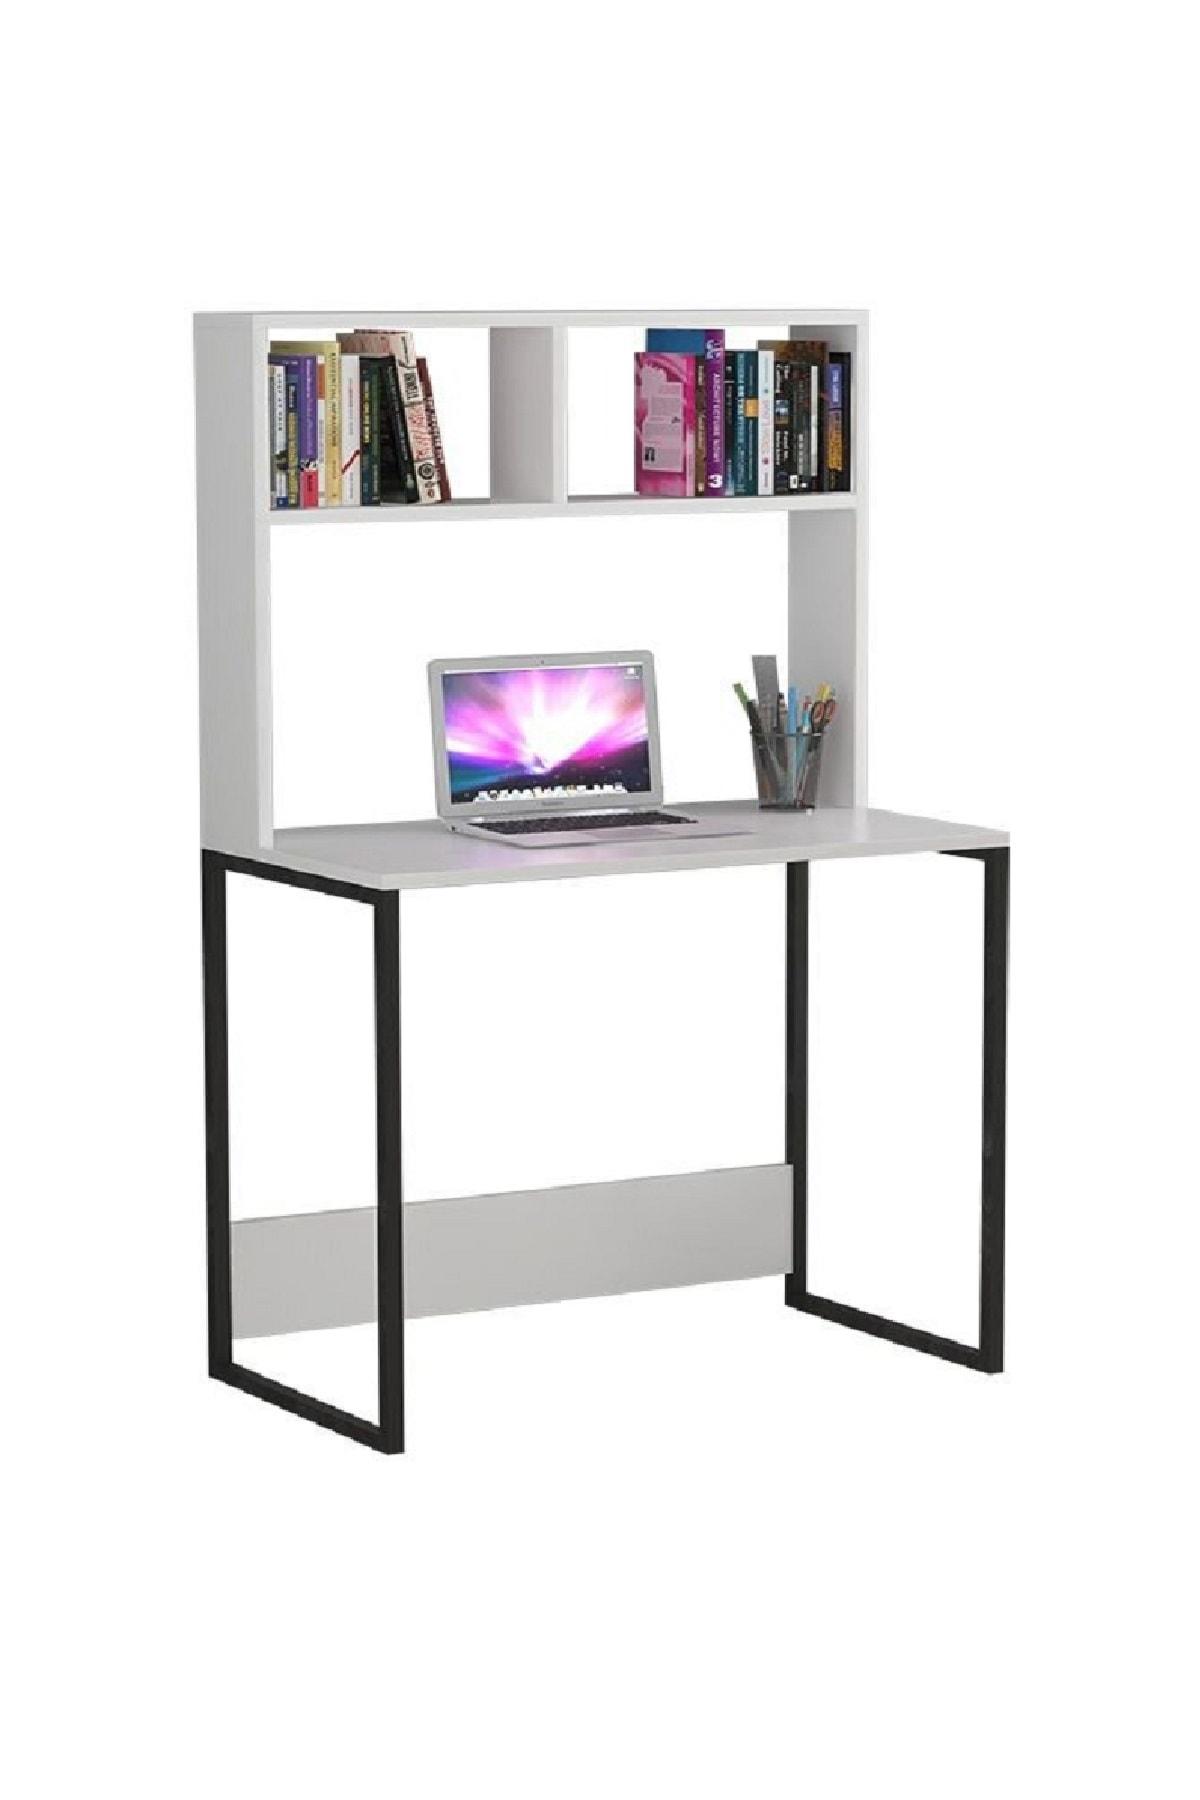 Platinreyon Demir Ayaklı 2 Raflı Çalışma Masası Bilgisayar Masası Beyaz 2